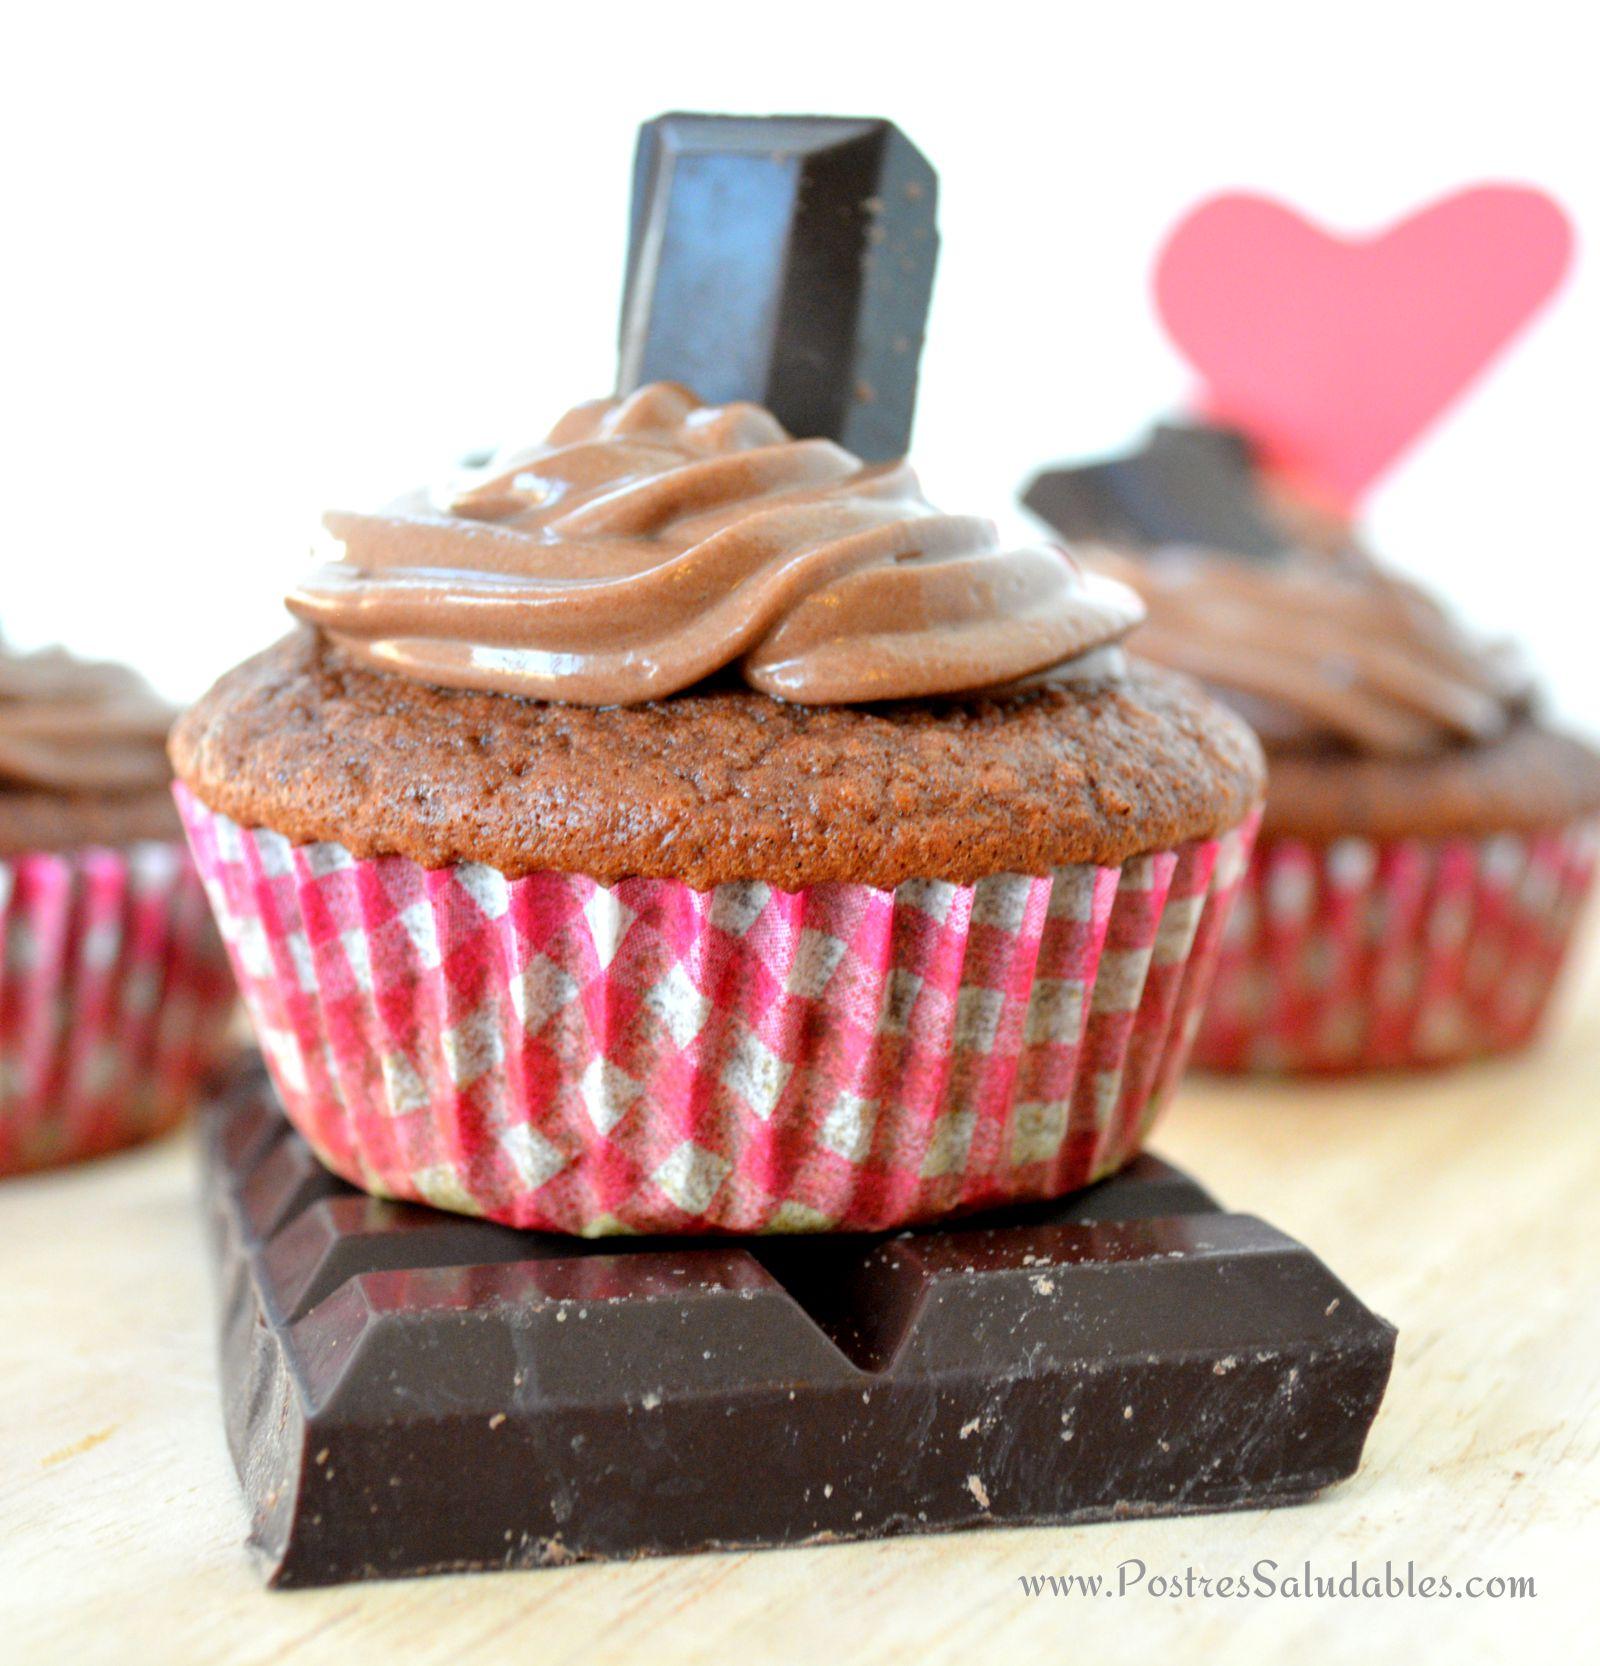 Cupcake de chocolate y nutella casera.  saludable, natural, sin azúcar